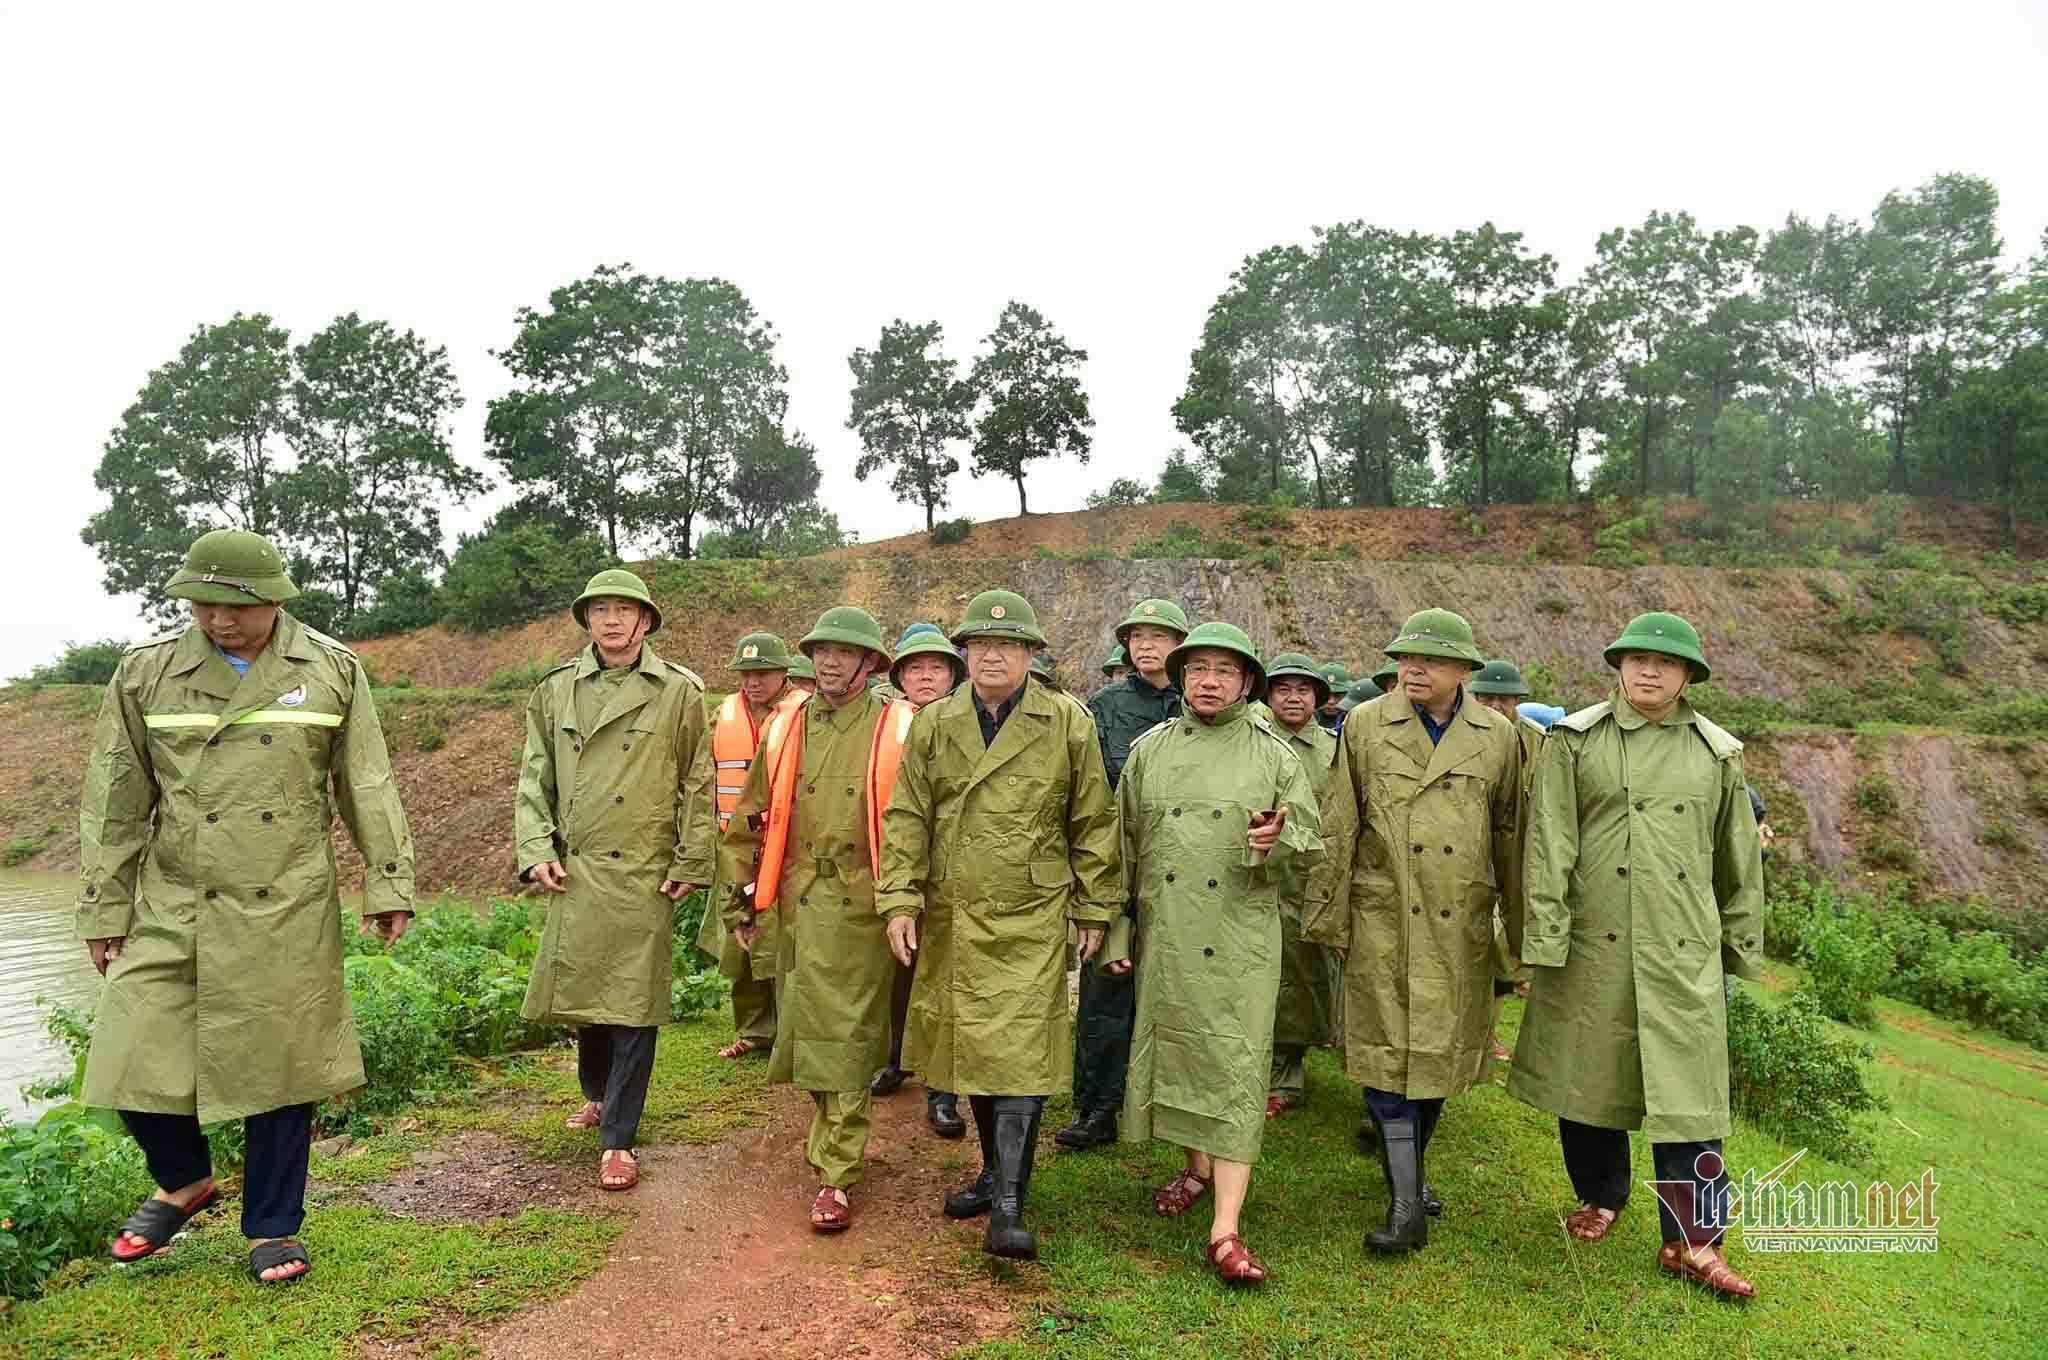 Phó Thủ tướng Trịnh Đình Dũng: Hà Tĩnh đã vận hành hồ Kẻ Gỗ đúng quy trình